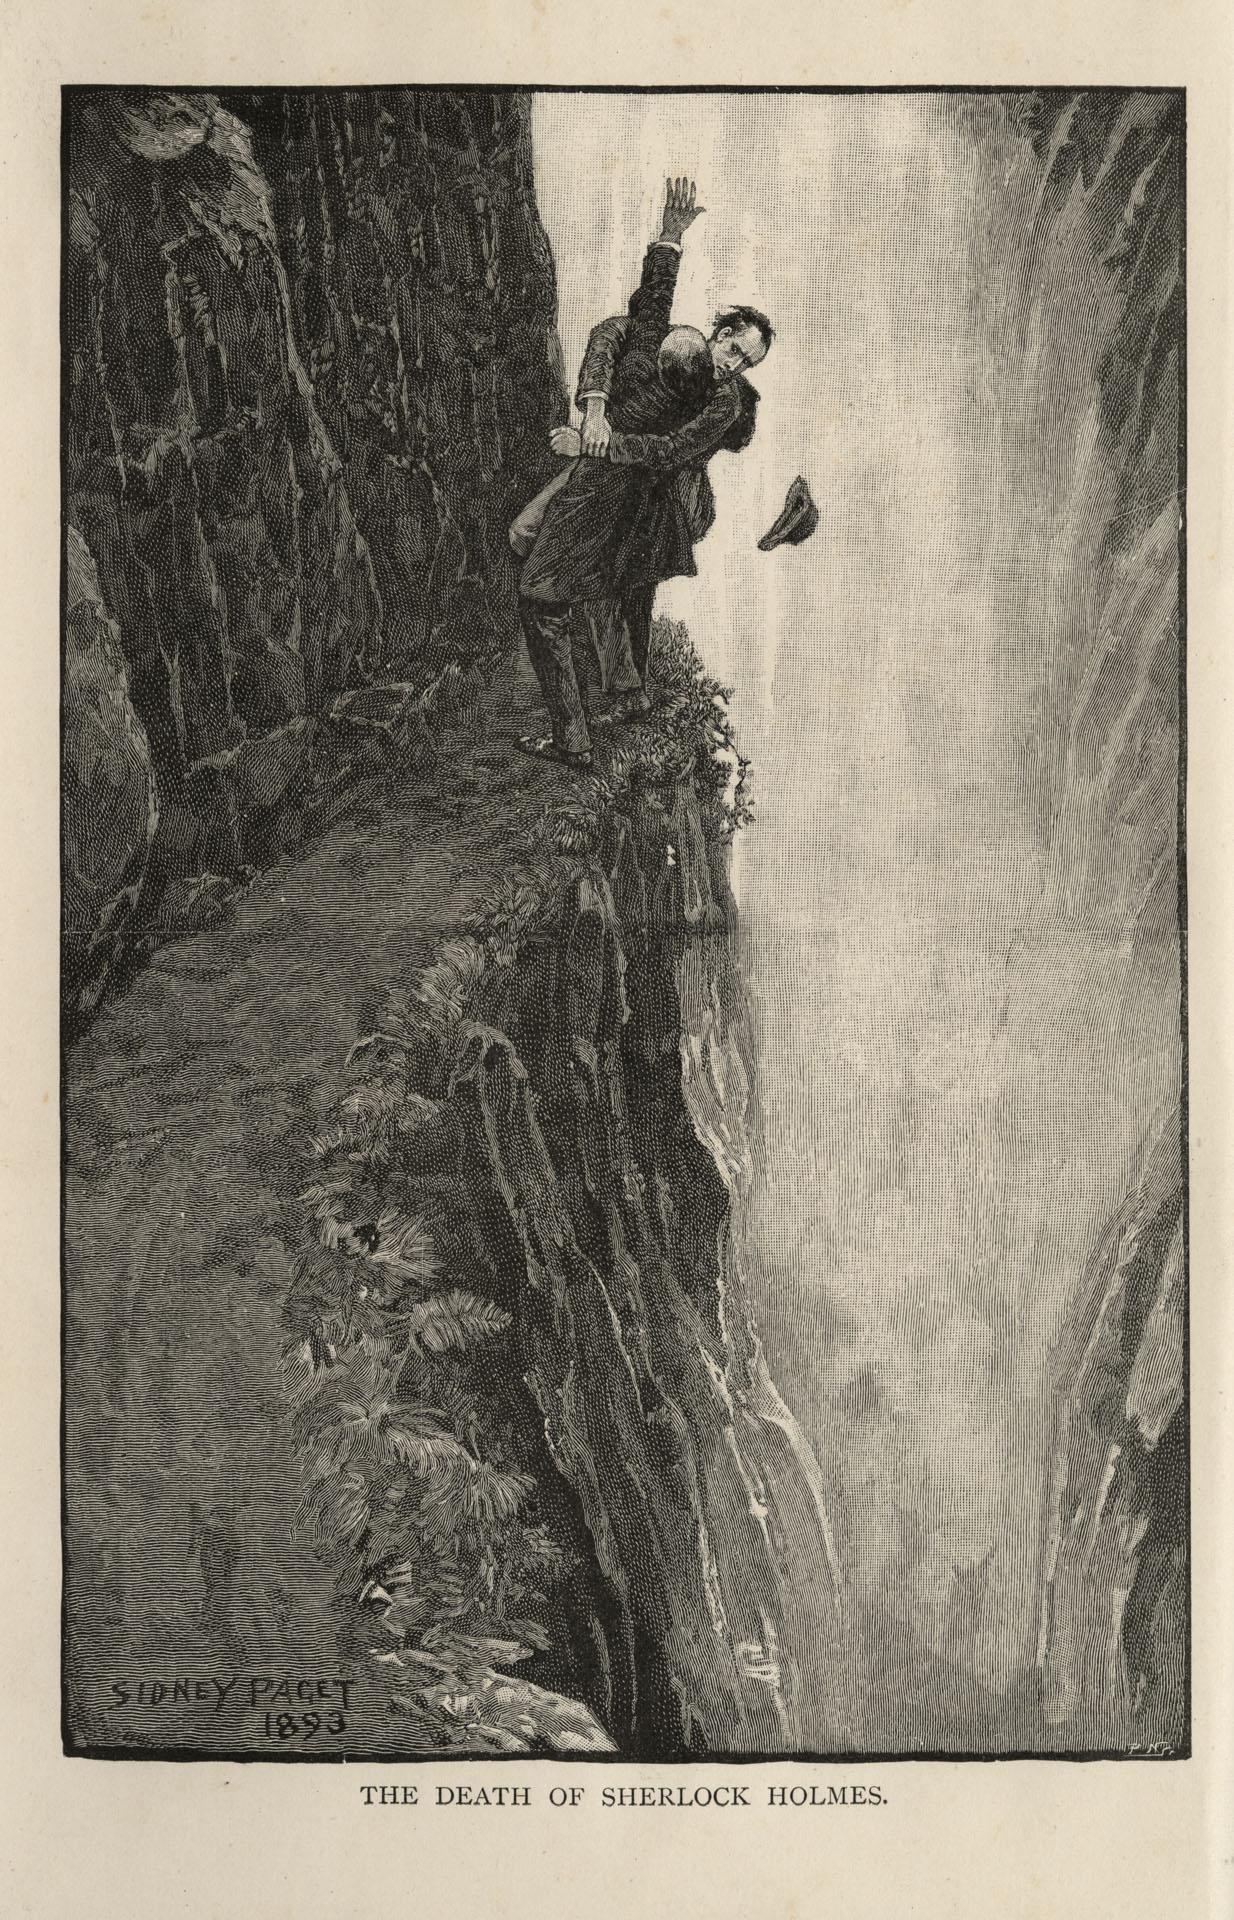 Legenda: detalhe da ilustração de Sydney Paget para O problema final, publicado em The Strand Magazine em dezembro de 1893. Holmes e Moriarty lutam no alto de um penhasco nas Cataratas de Reichenbach antes da queda de Holmes, em sua suposta morte - Fonte.